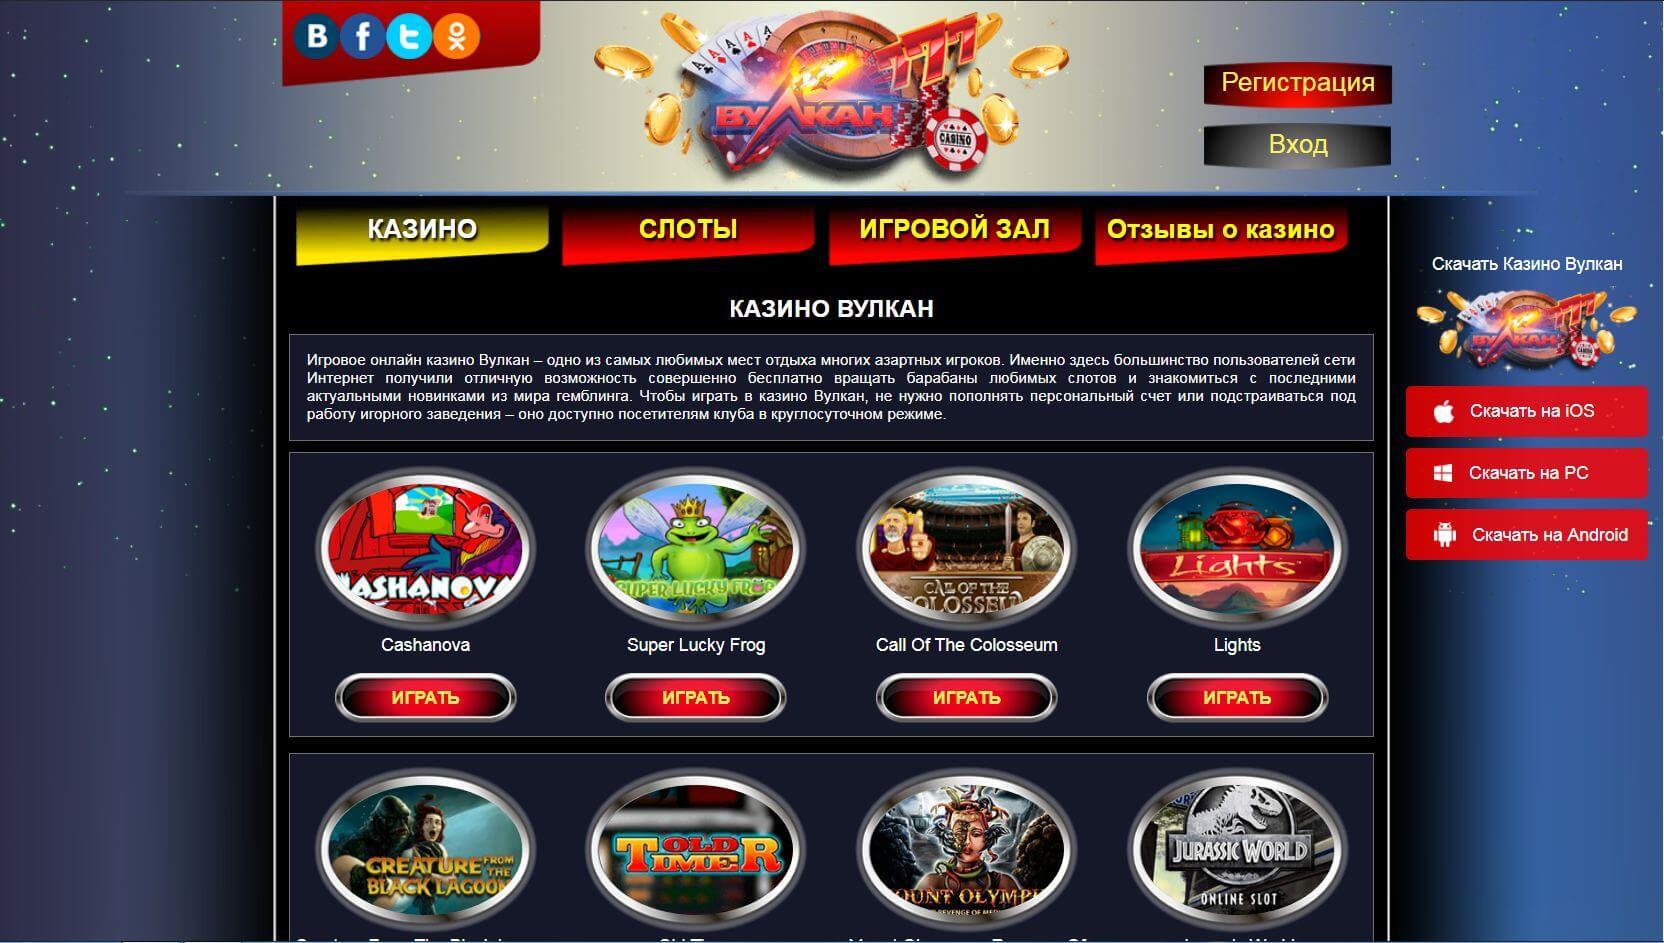 Ягодки игровые автоматы бесплатно рейтинг слотов рф игровые автоматы играть бесплатно без регистрации поросята